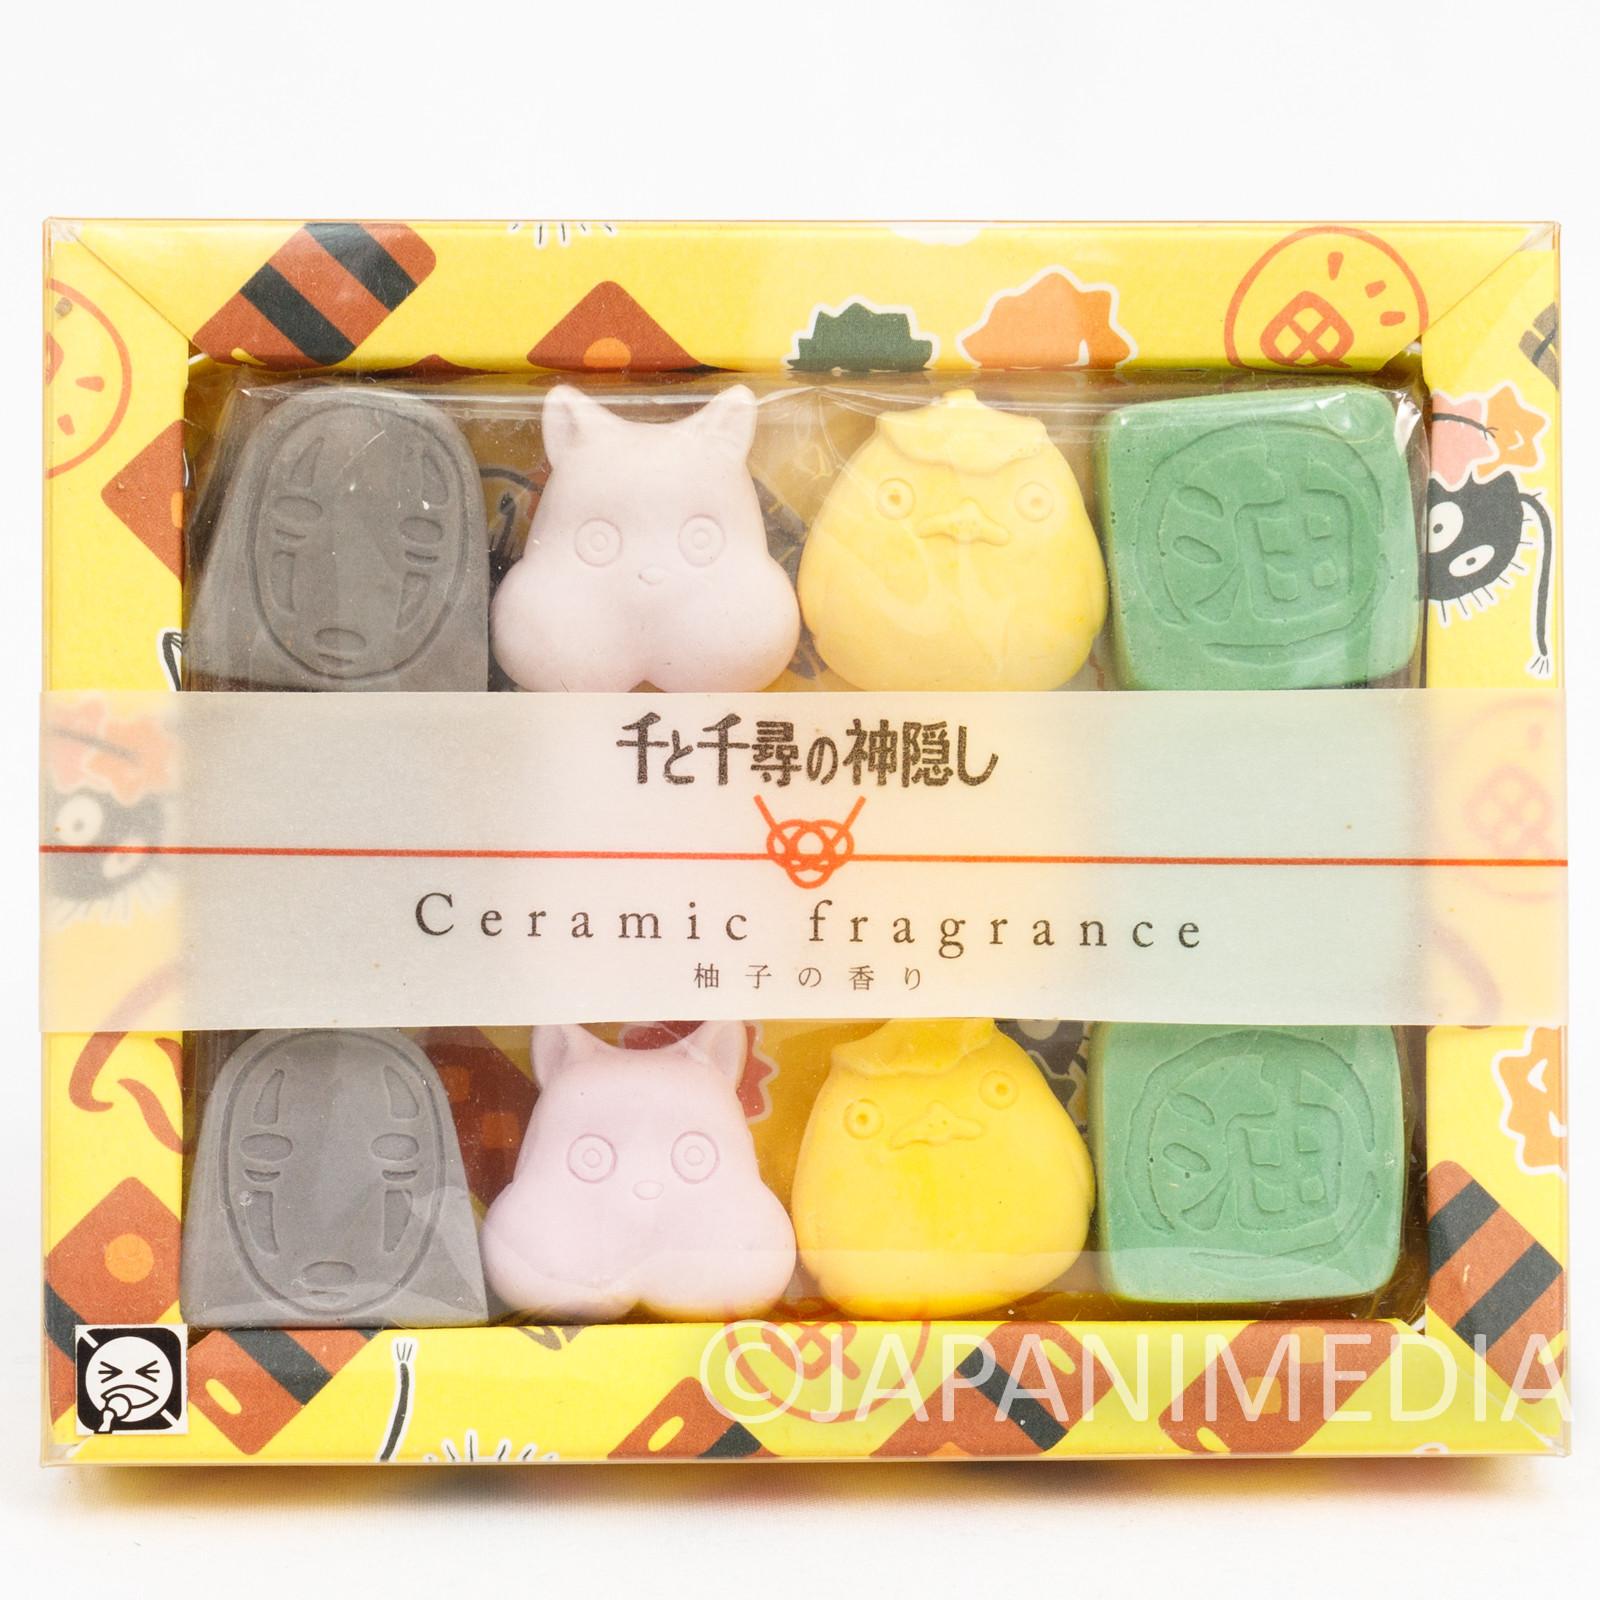 Spirited Away Ceramic Fragrance Ghibli JAPAN ANIME MANGA